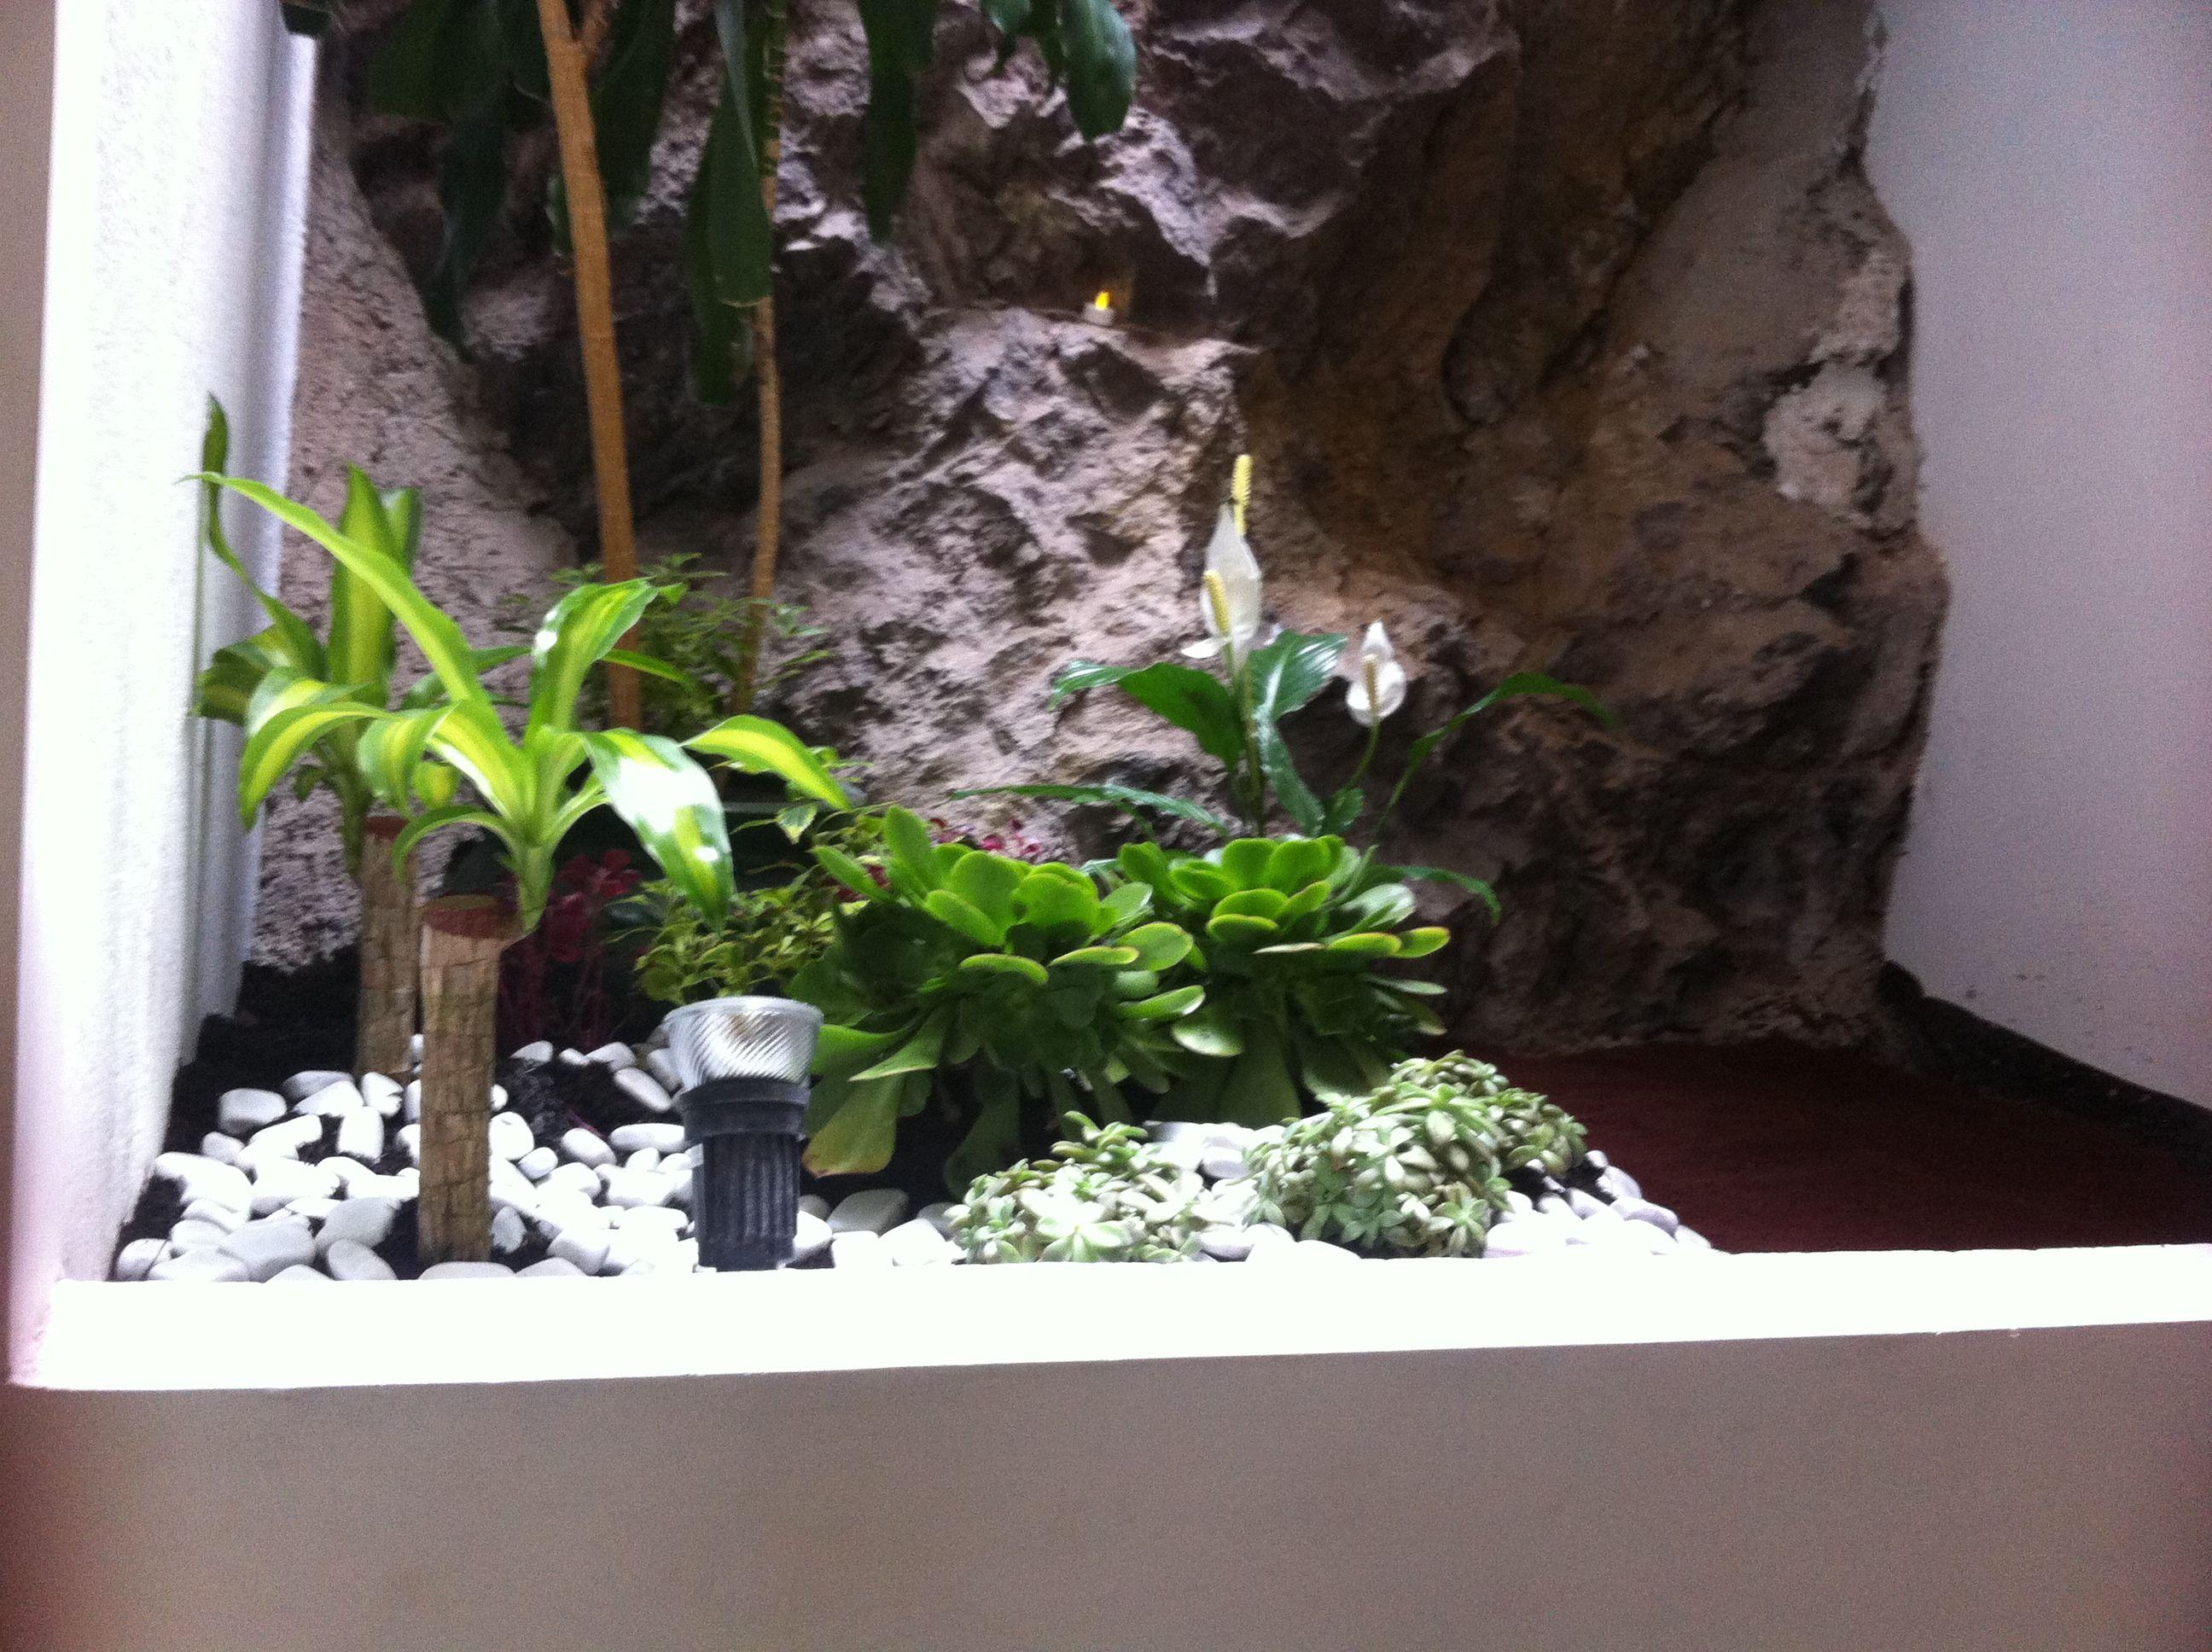 Jard n interior plantas jard n interior piedra - Jardin piedras blancas ...